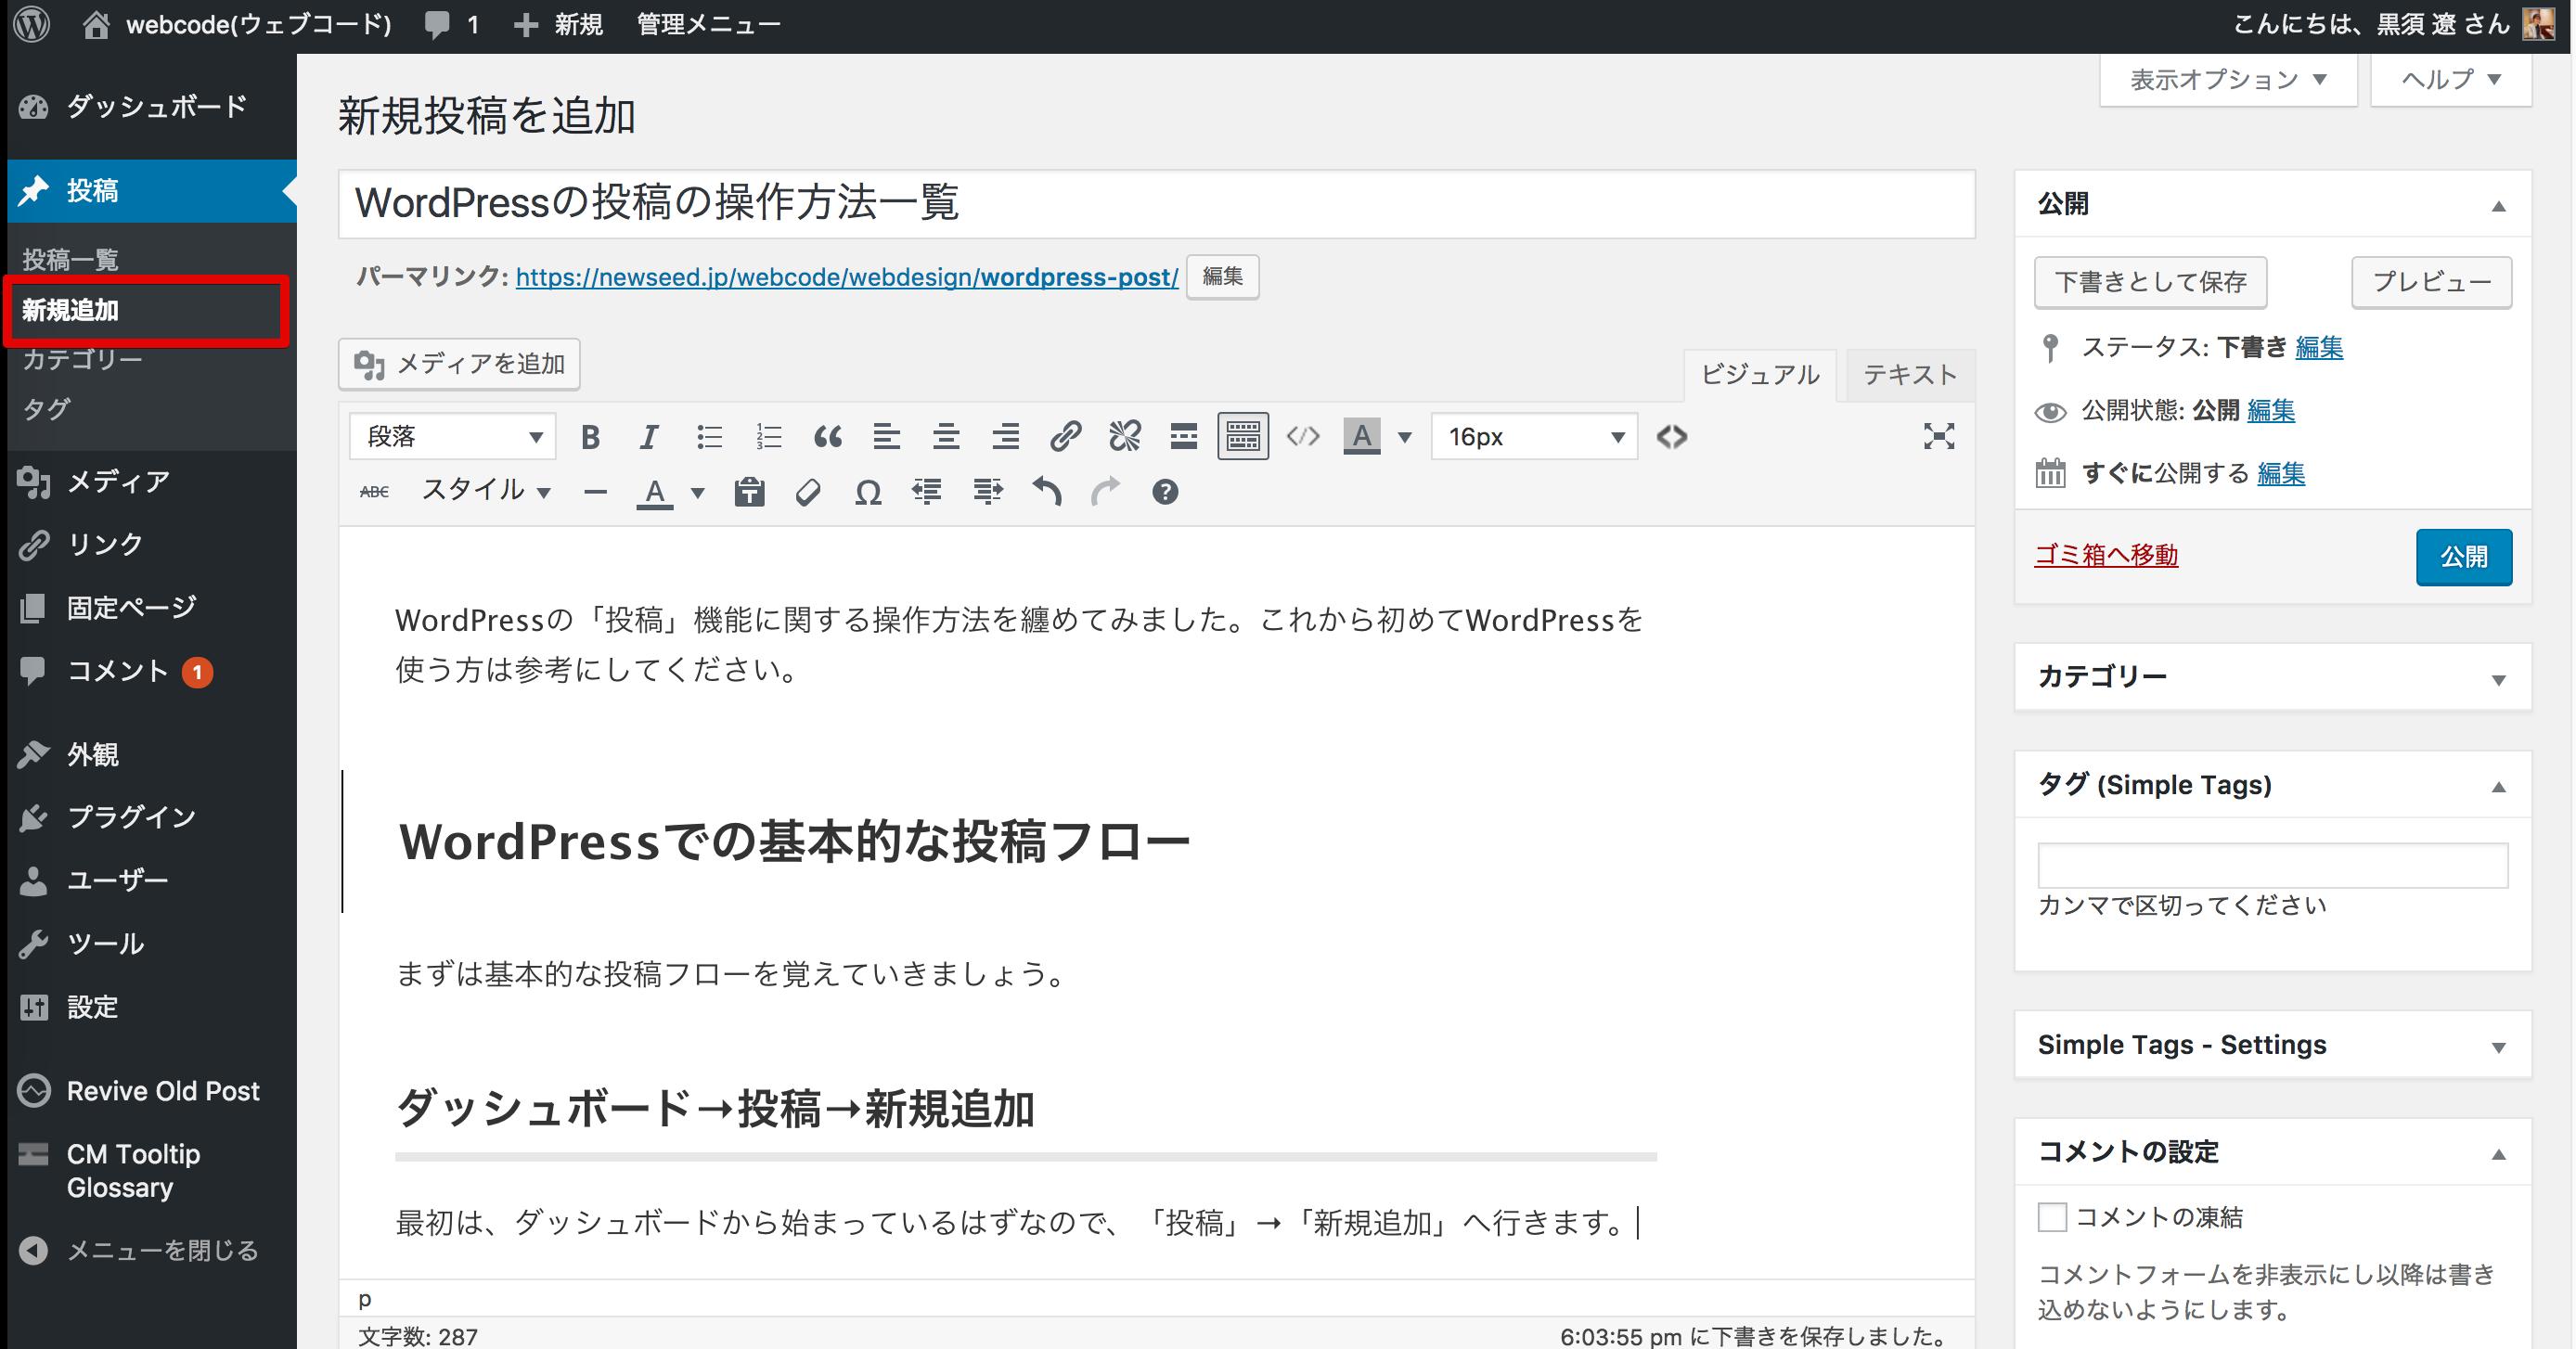 018e6c6a9b8617ec34766f7370fc3a52 - 初心者向け!WordPressの投稿方法や記事の編集方法を徹底解説